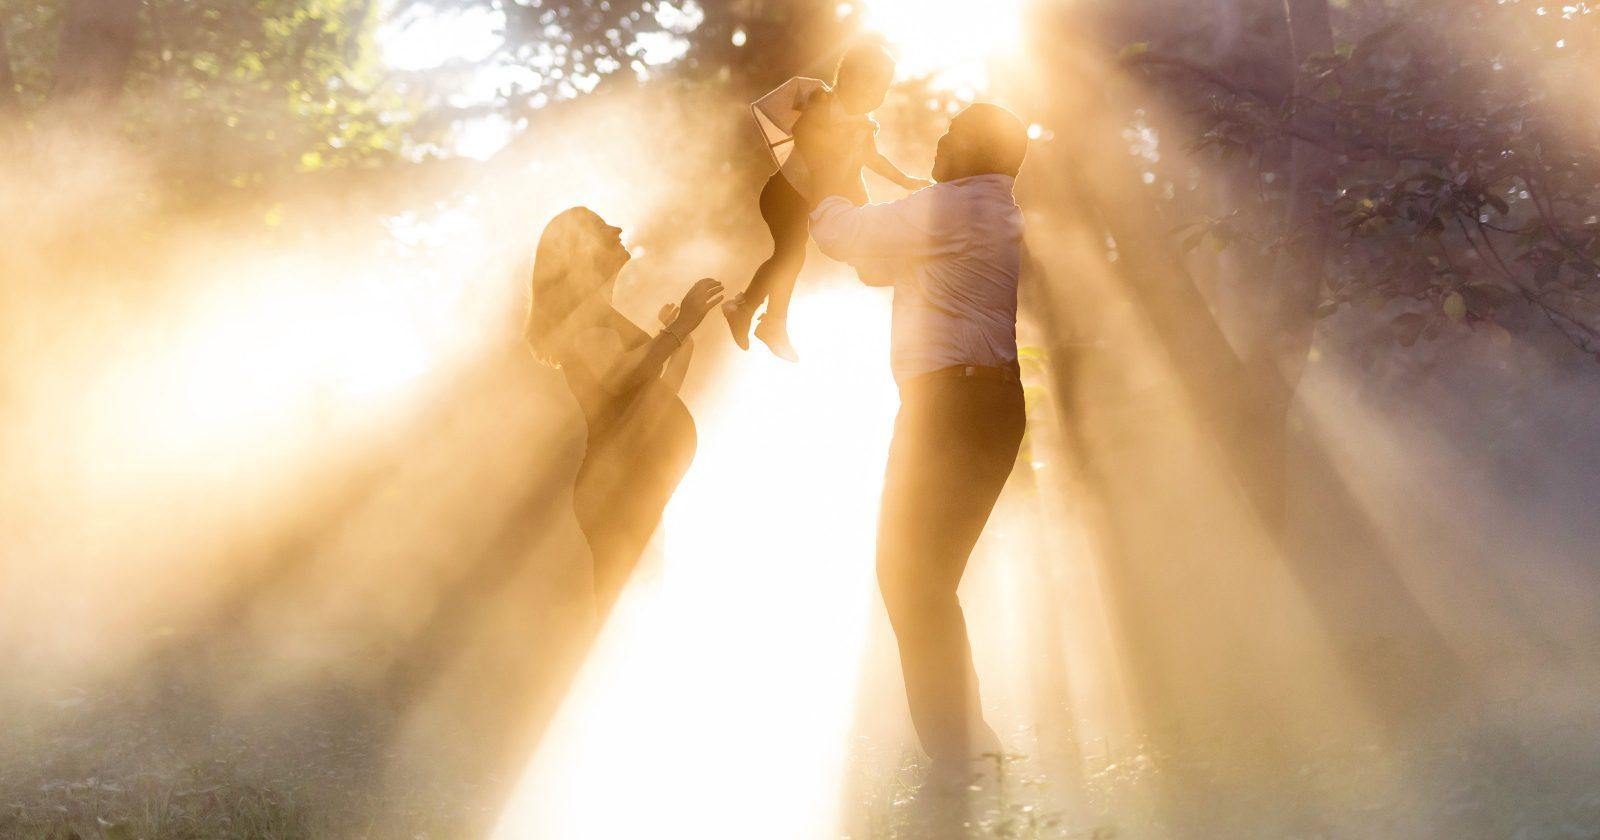 Finding New Light | Arnold Arboretum Family Session